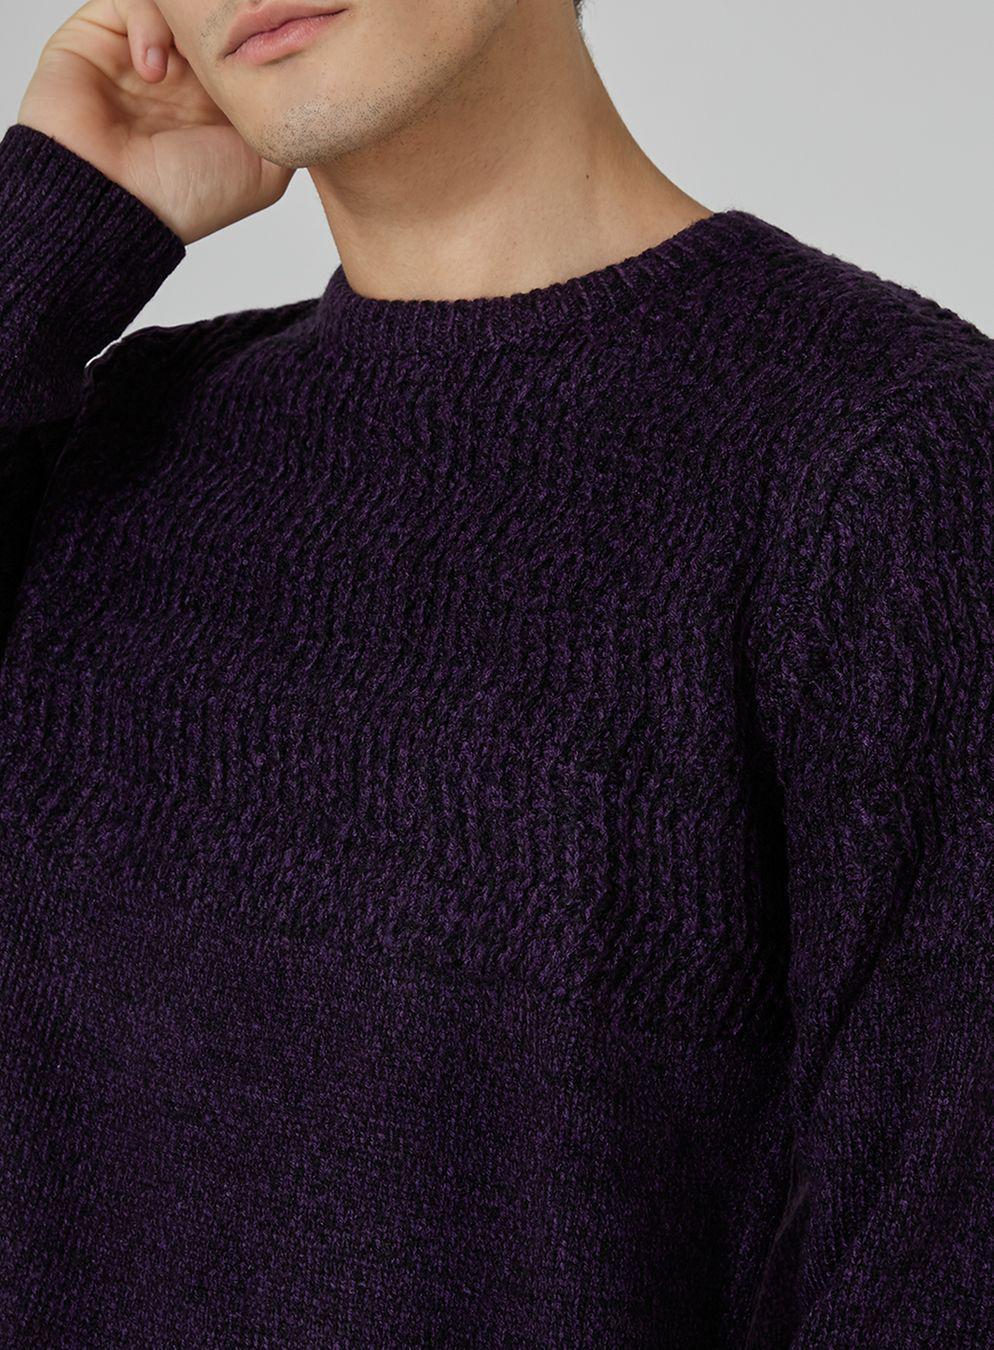 Topman Purple And Black Zig Zag Sweater in Purple for Men | Lyst